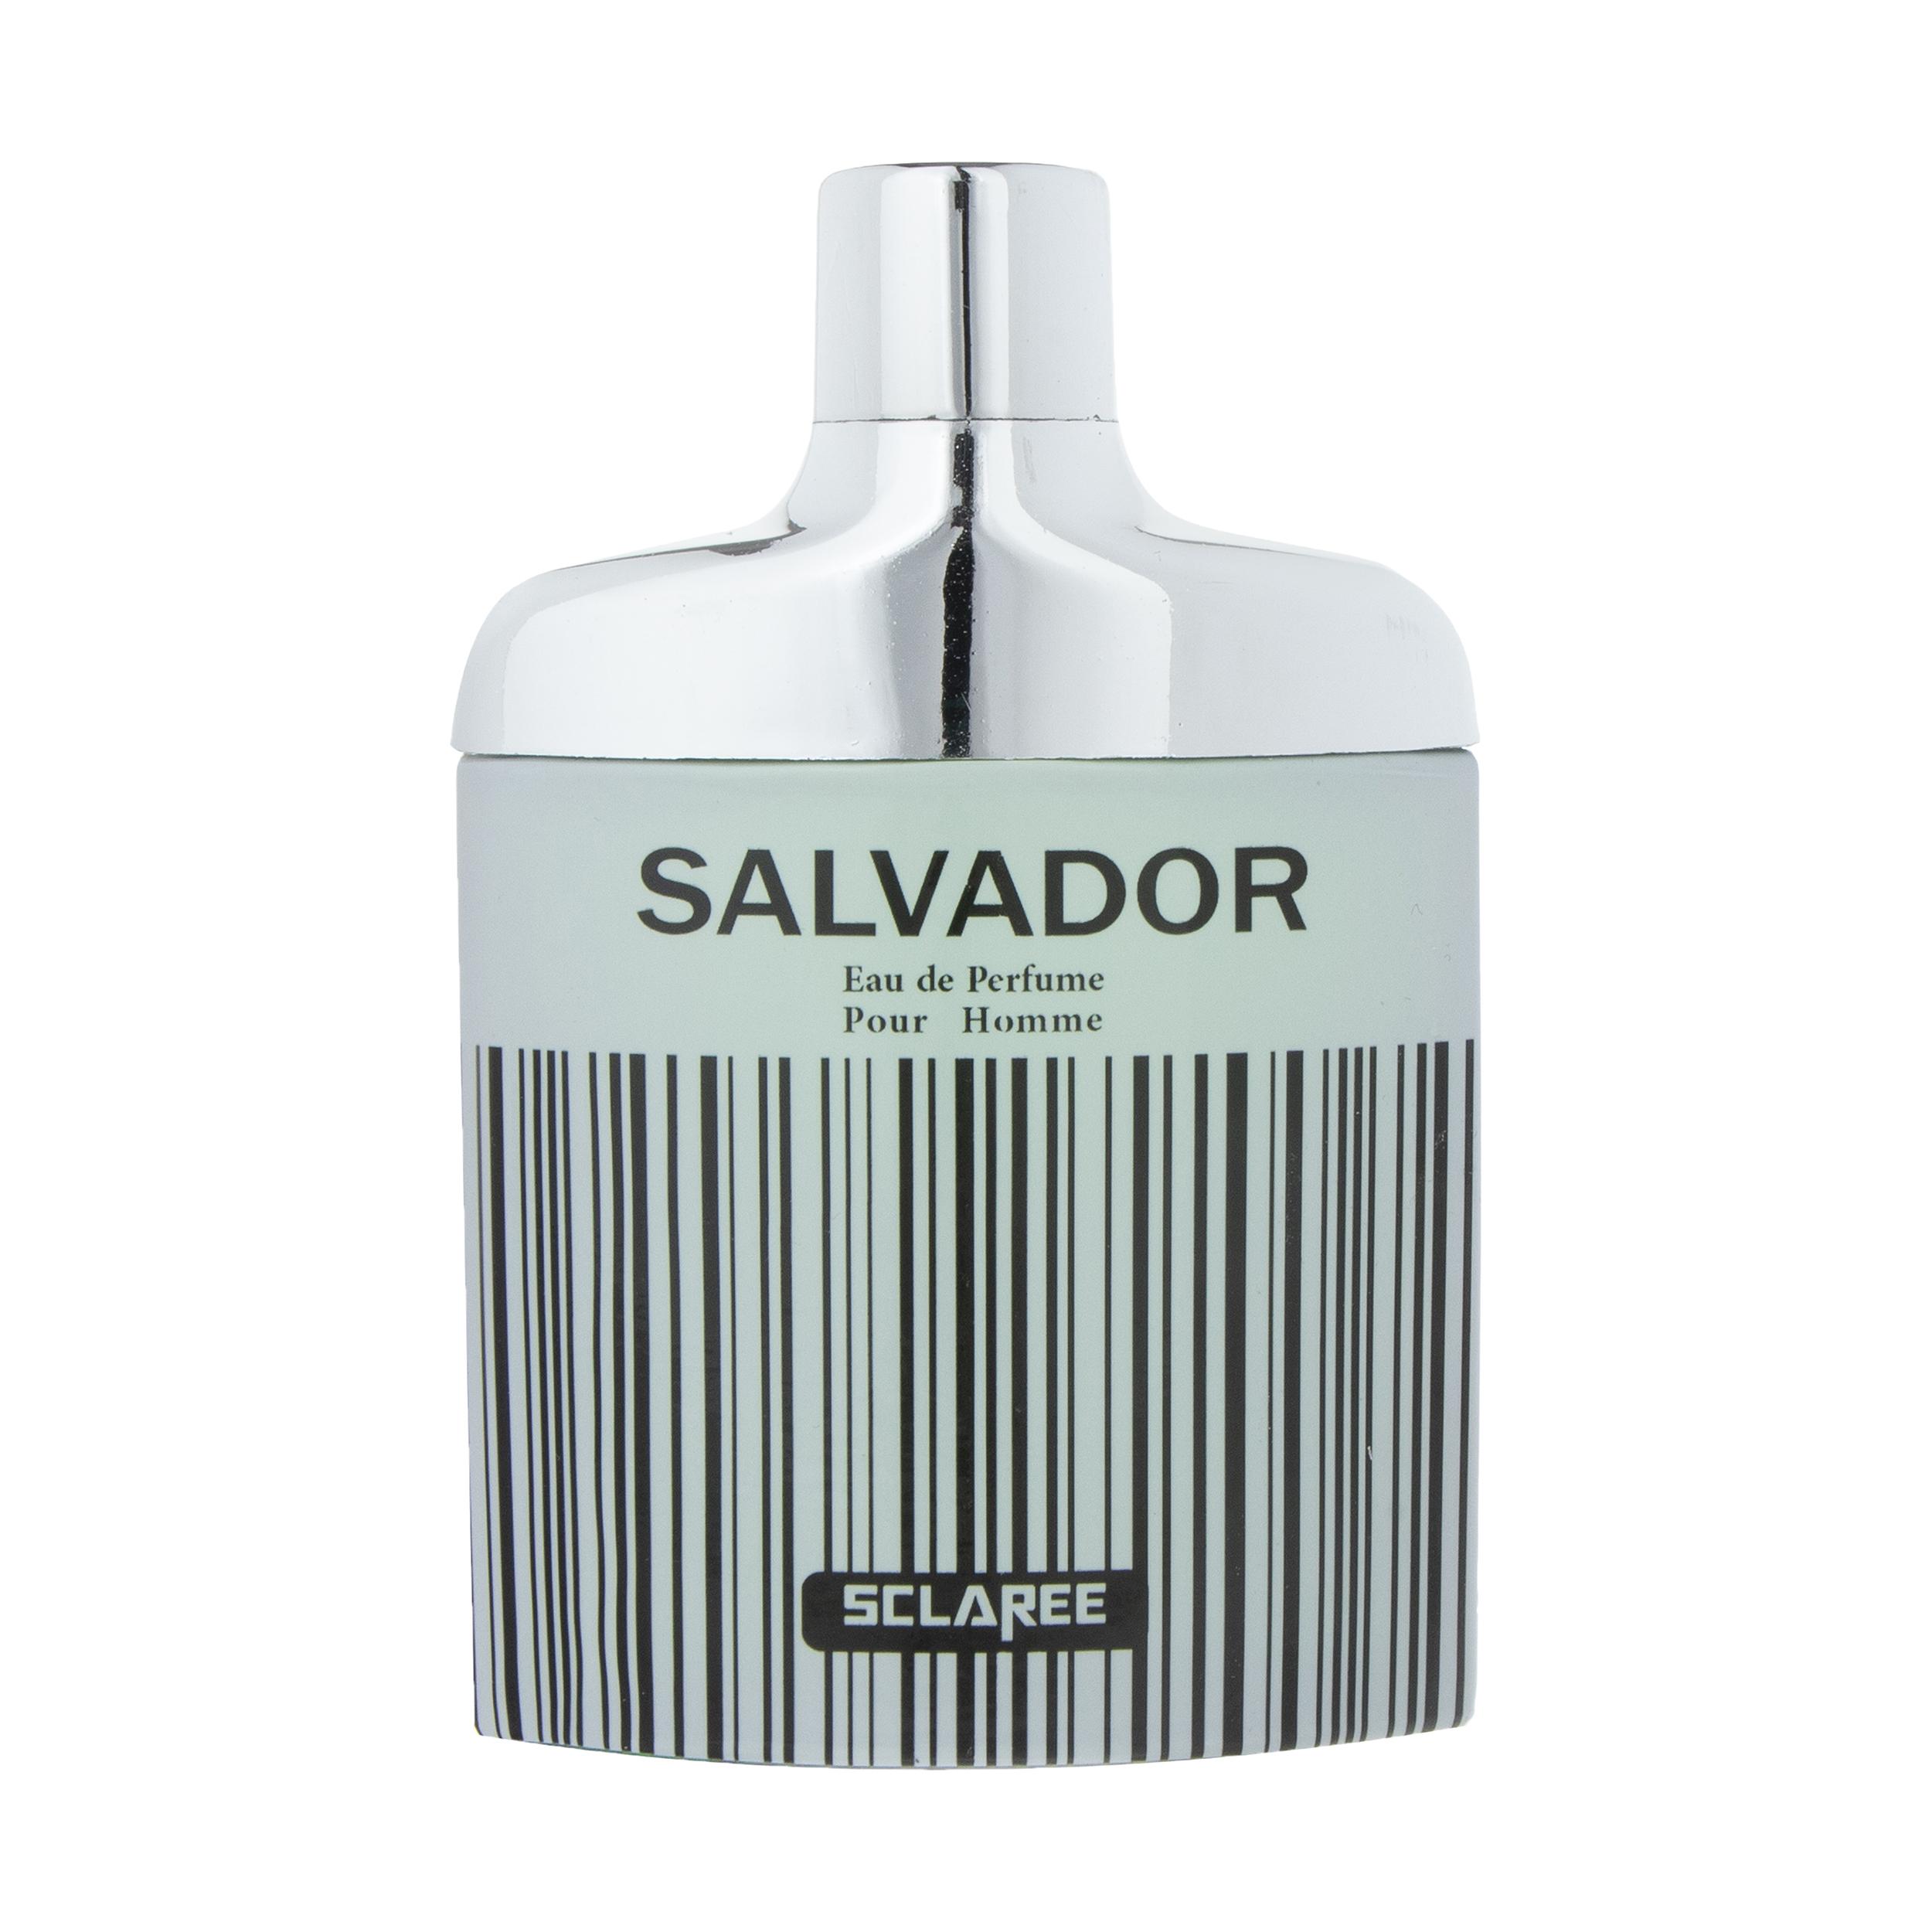 خرید اینترنتی ادو پرفیوم مردانه اسکلاره مدل Salvador حجم 85 میلی لیتر اورجینال